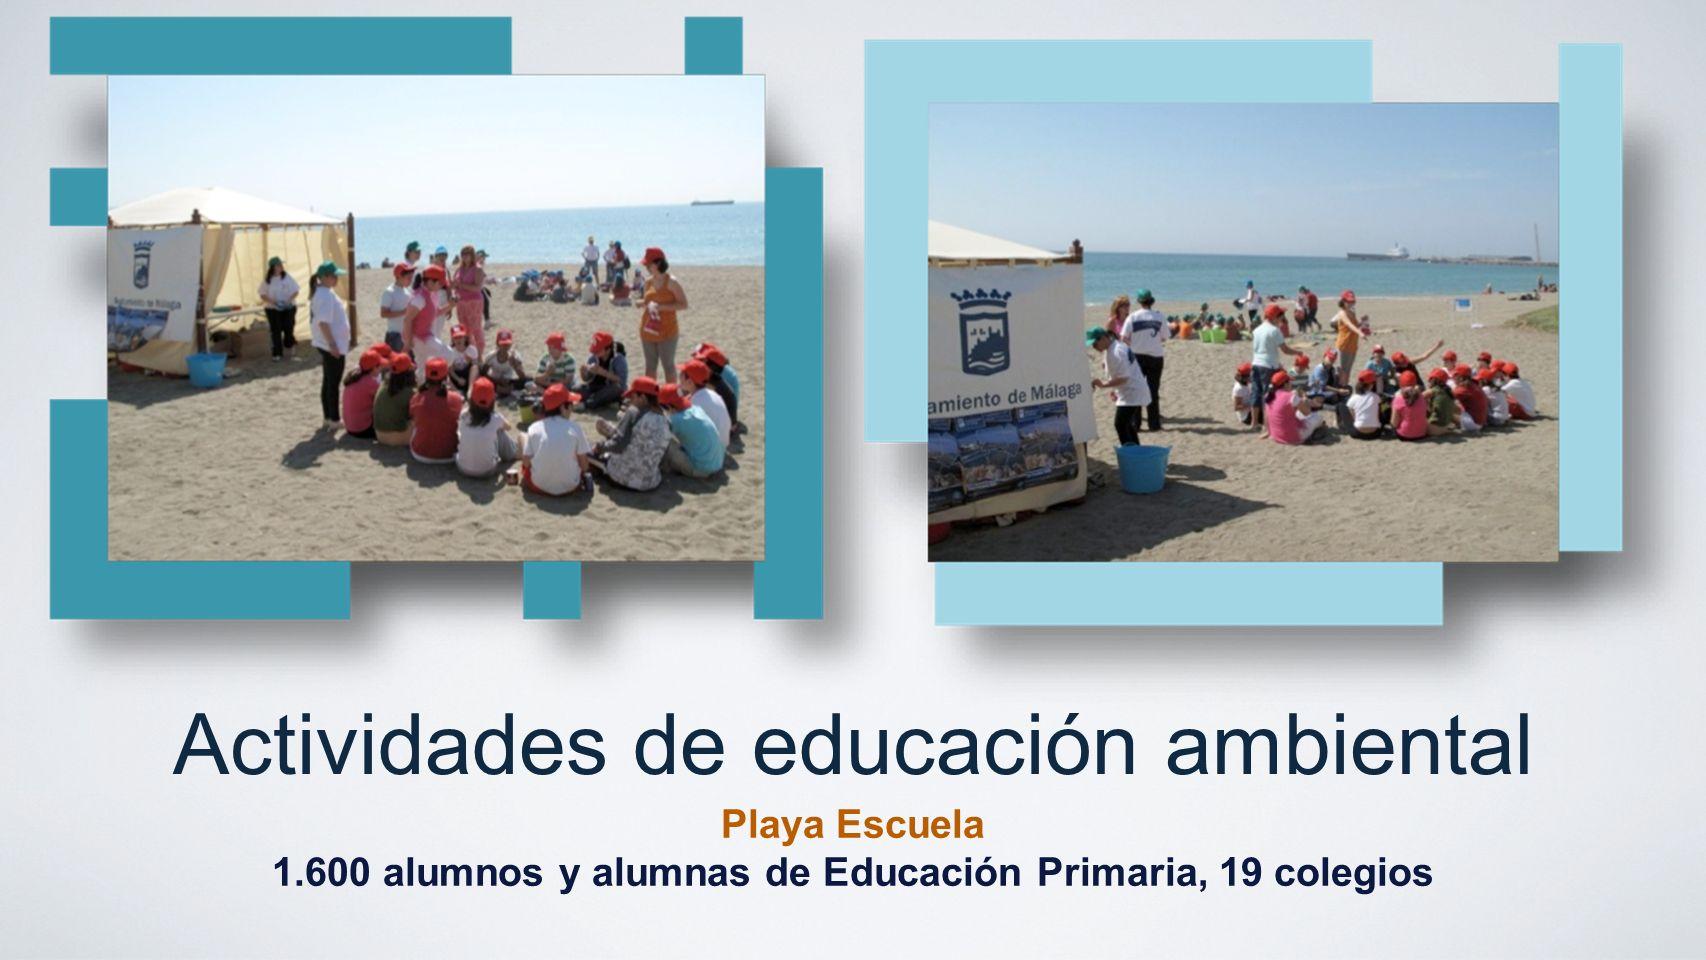 Actividades de educación ambiental Playa Escuela 1.600 alumnos y alumnas de Educación Primaria, 19 colegios